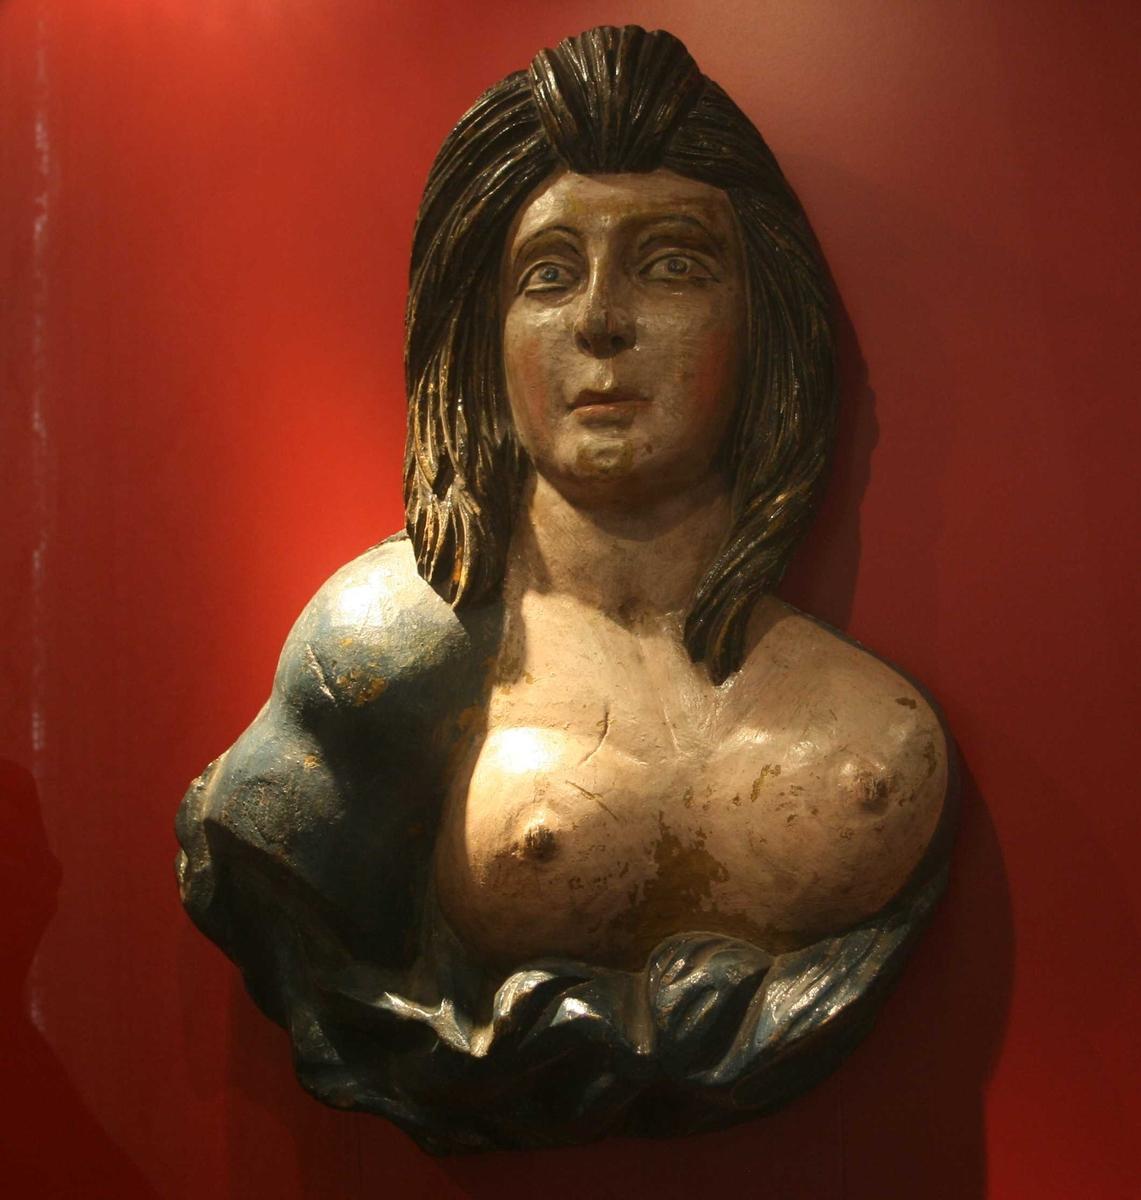 Kvinne med utslått, sort hår  til skuldrene, nakent bryst, draperier under  brystet. Draperi og h. skulder blåmalt.